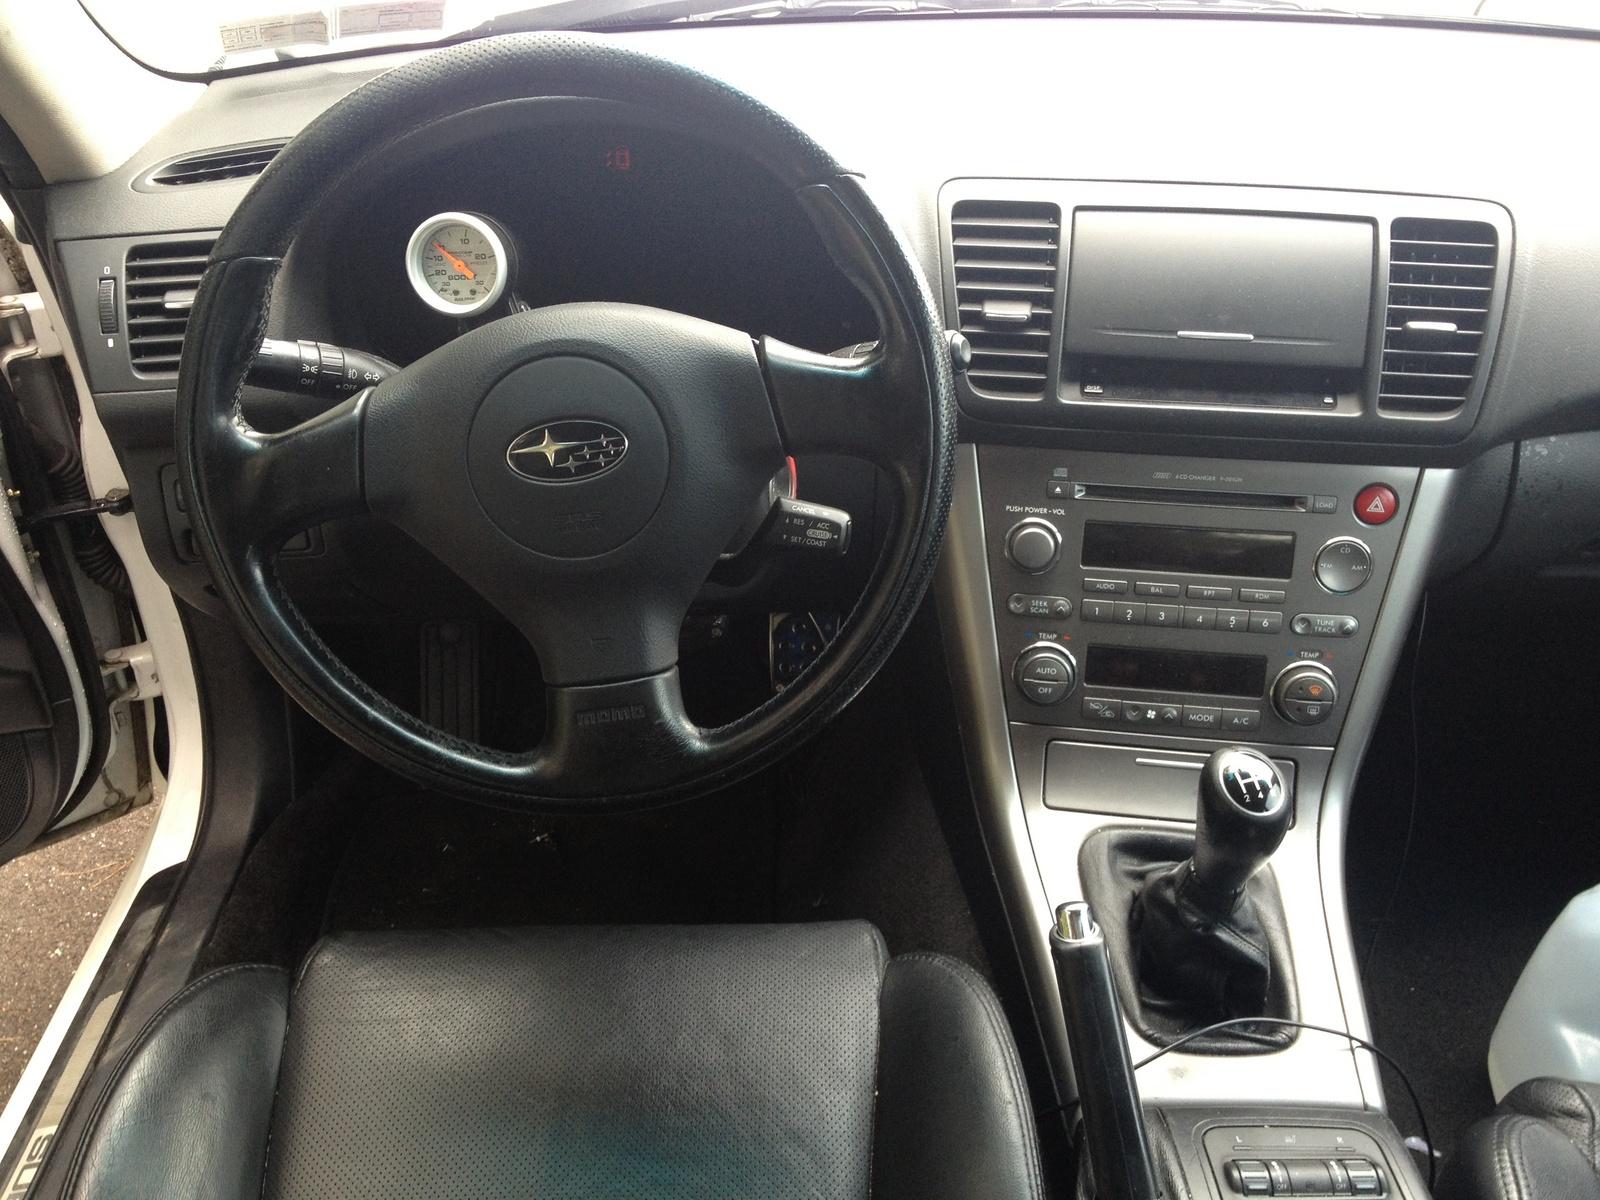 2005 Subaru Legacy Pictures Cargurus